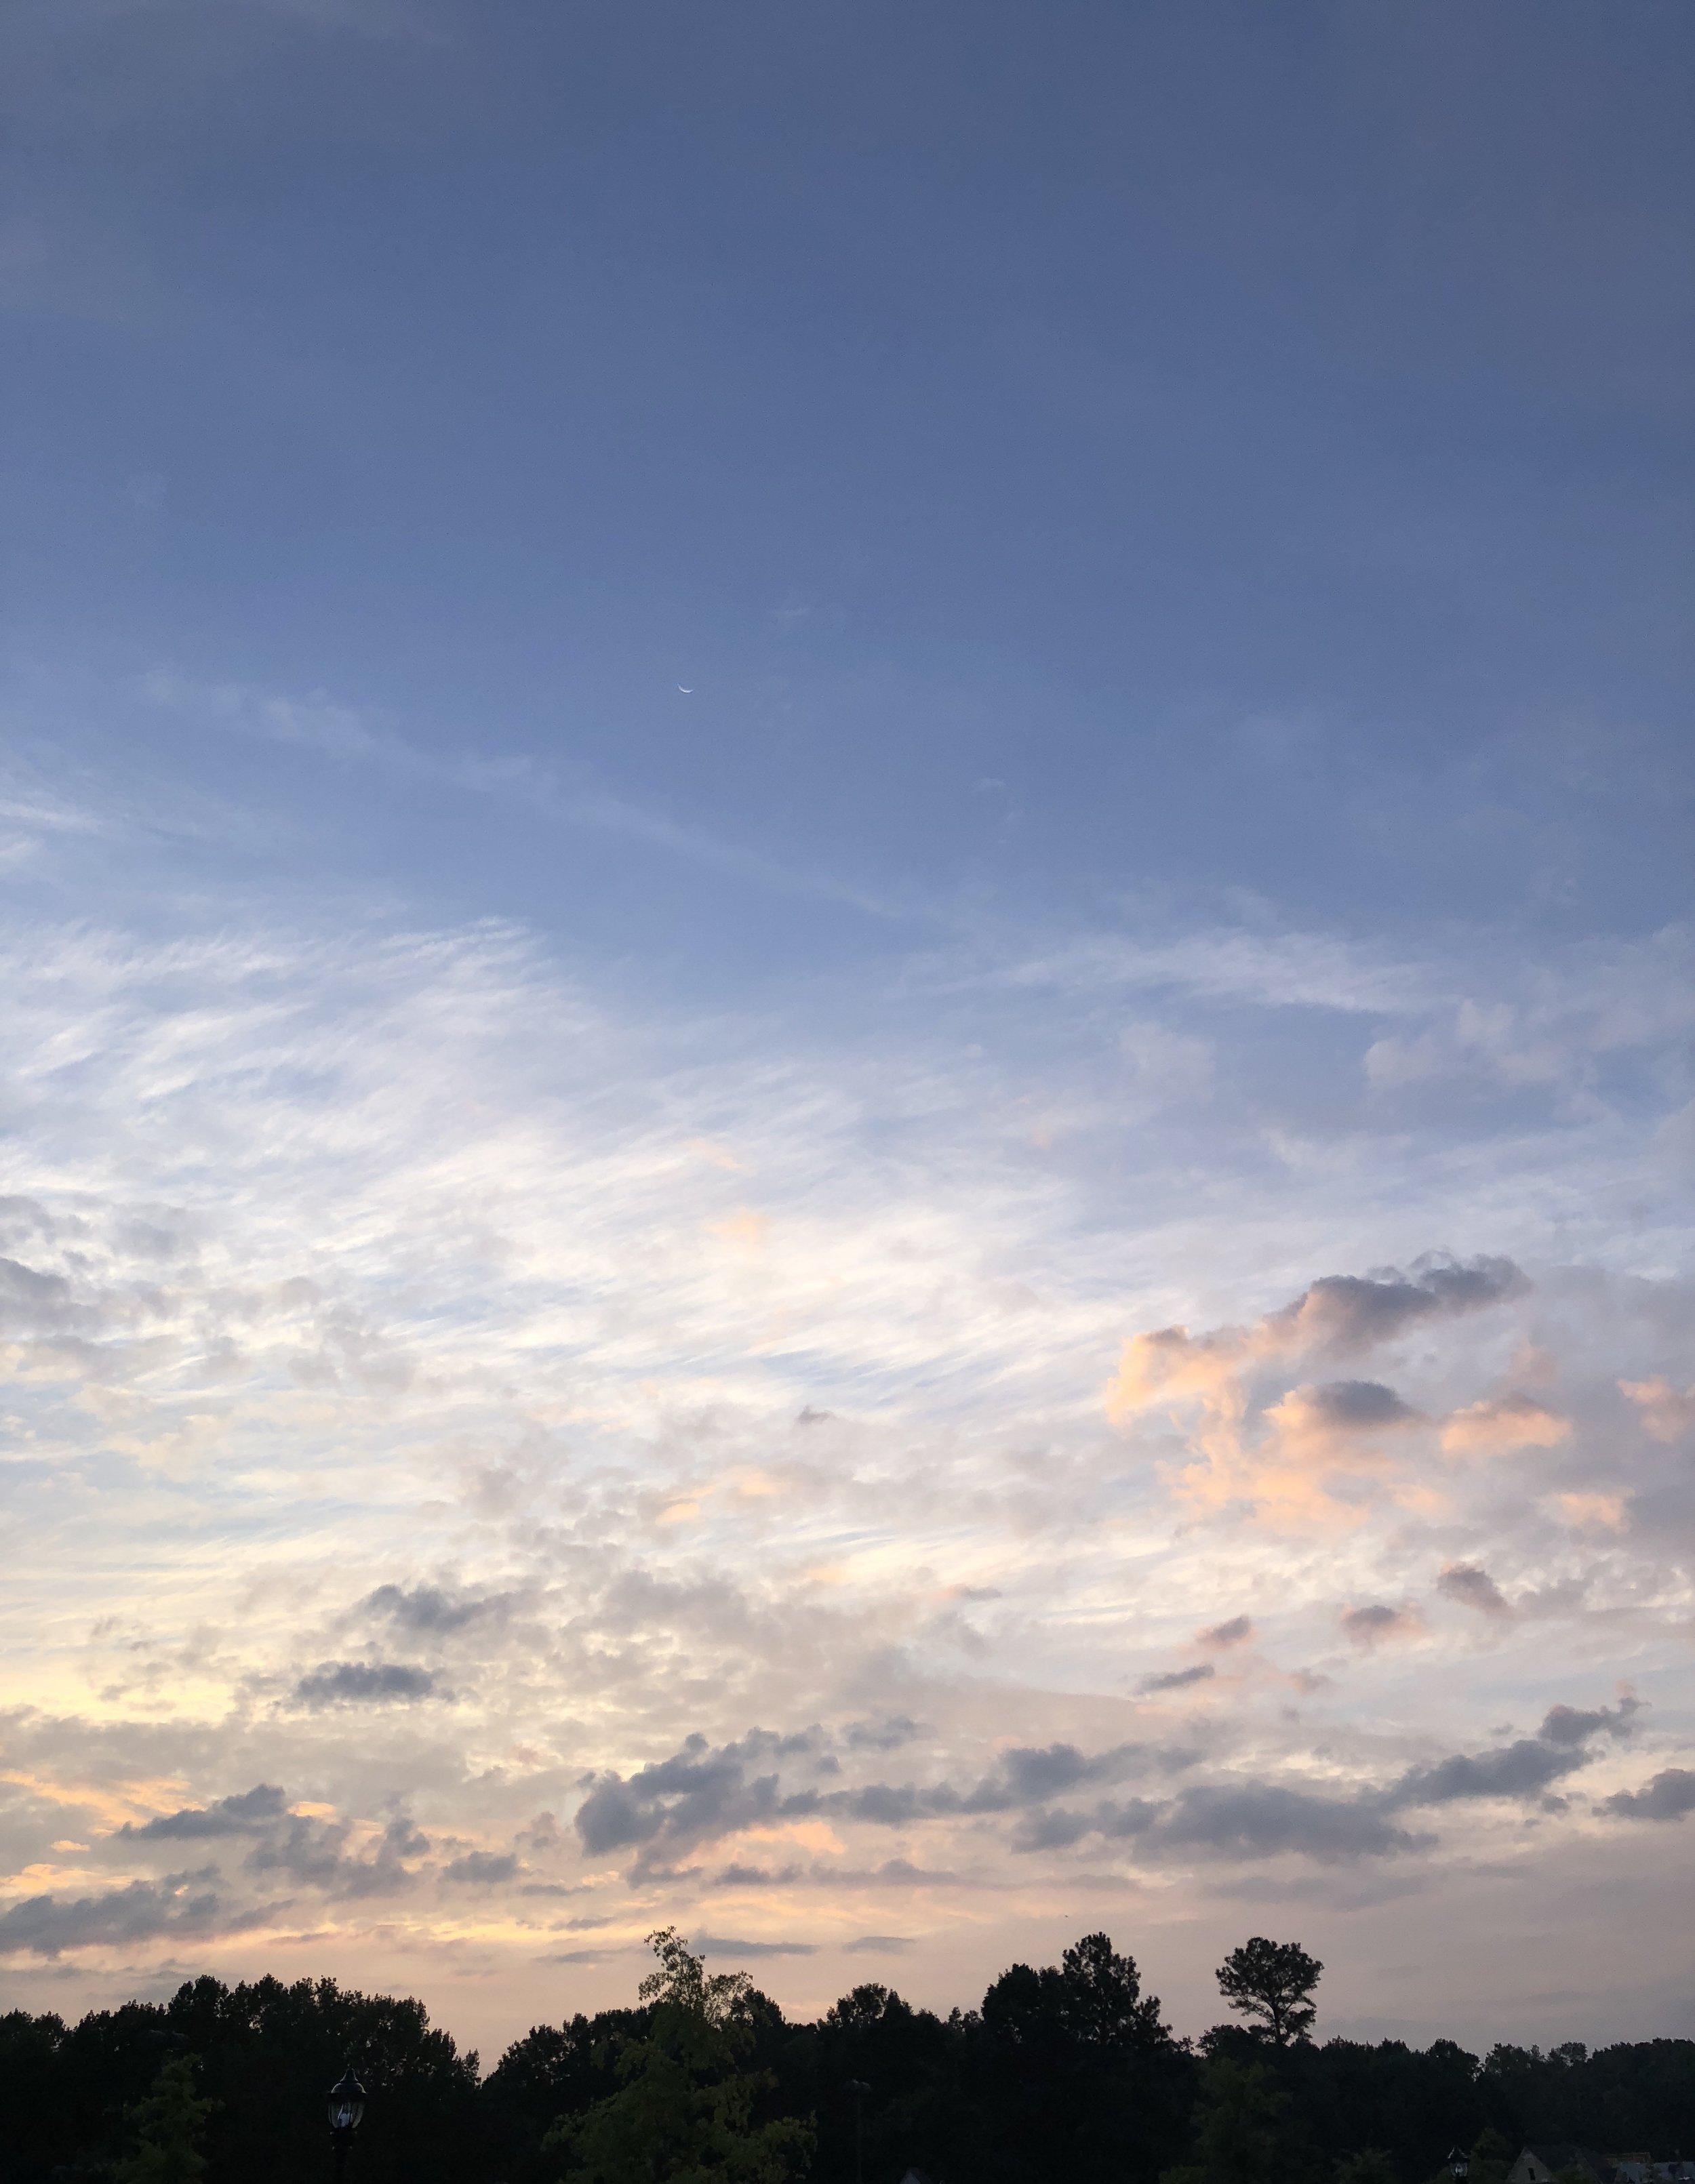 Glimsen-sunrise-clouds.jpg